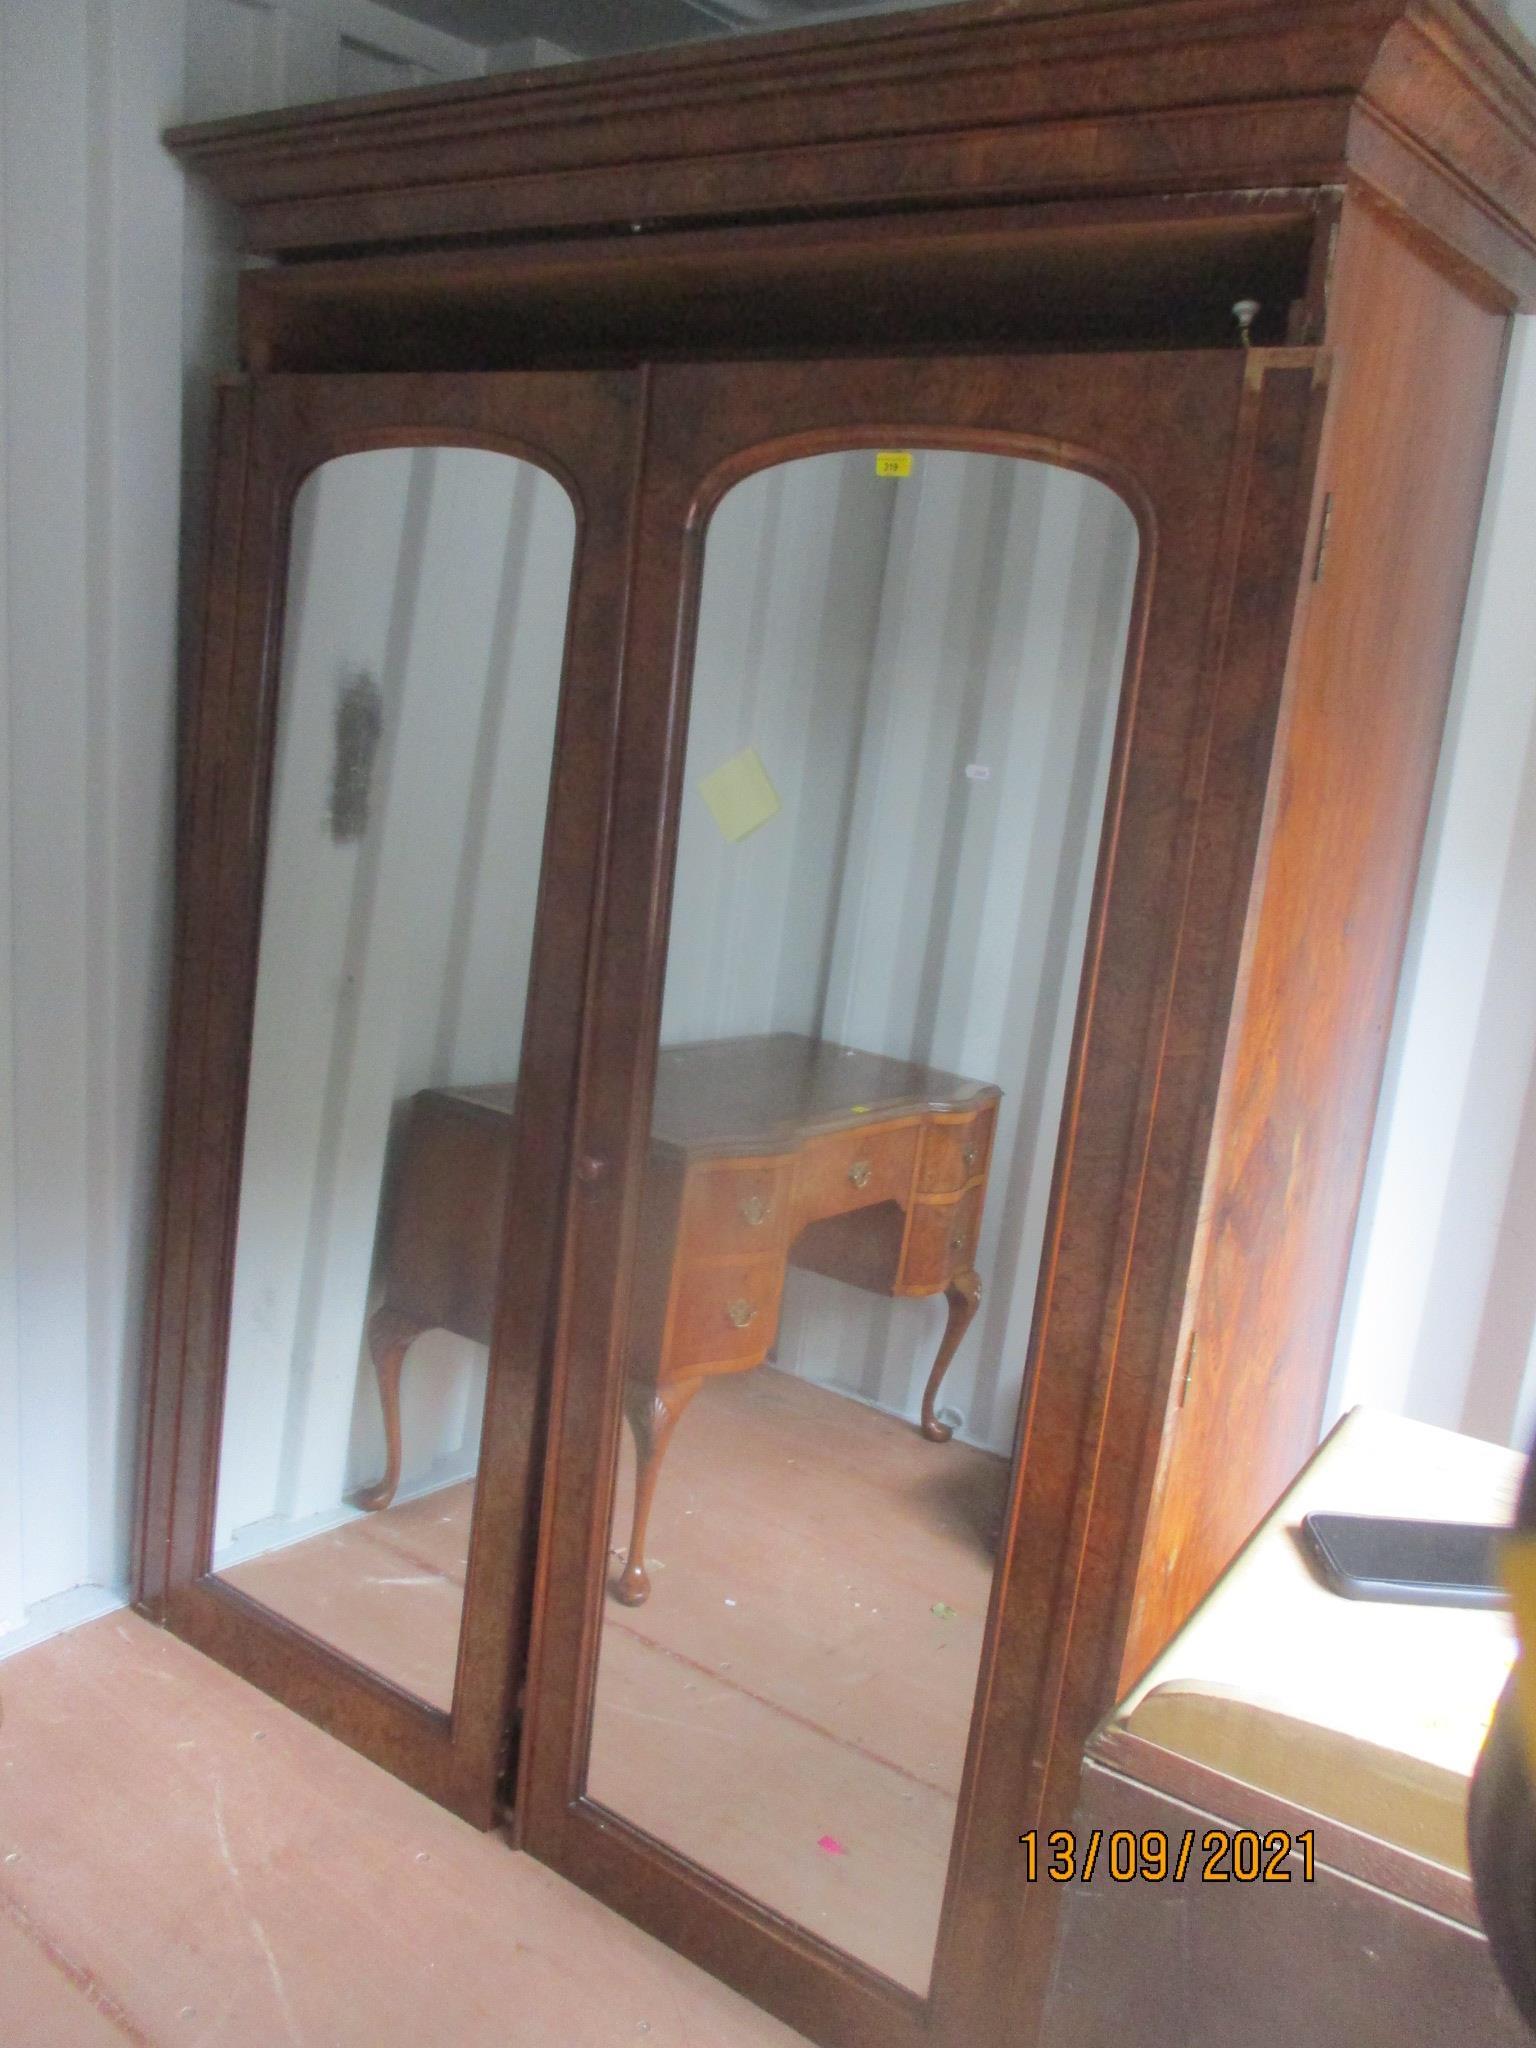 A Victorian burr walnut veneered two door wardrobe having two mirrored doors, revealing filled